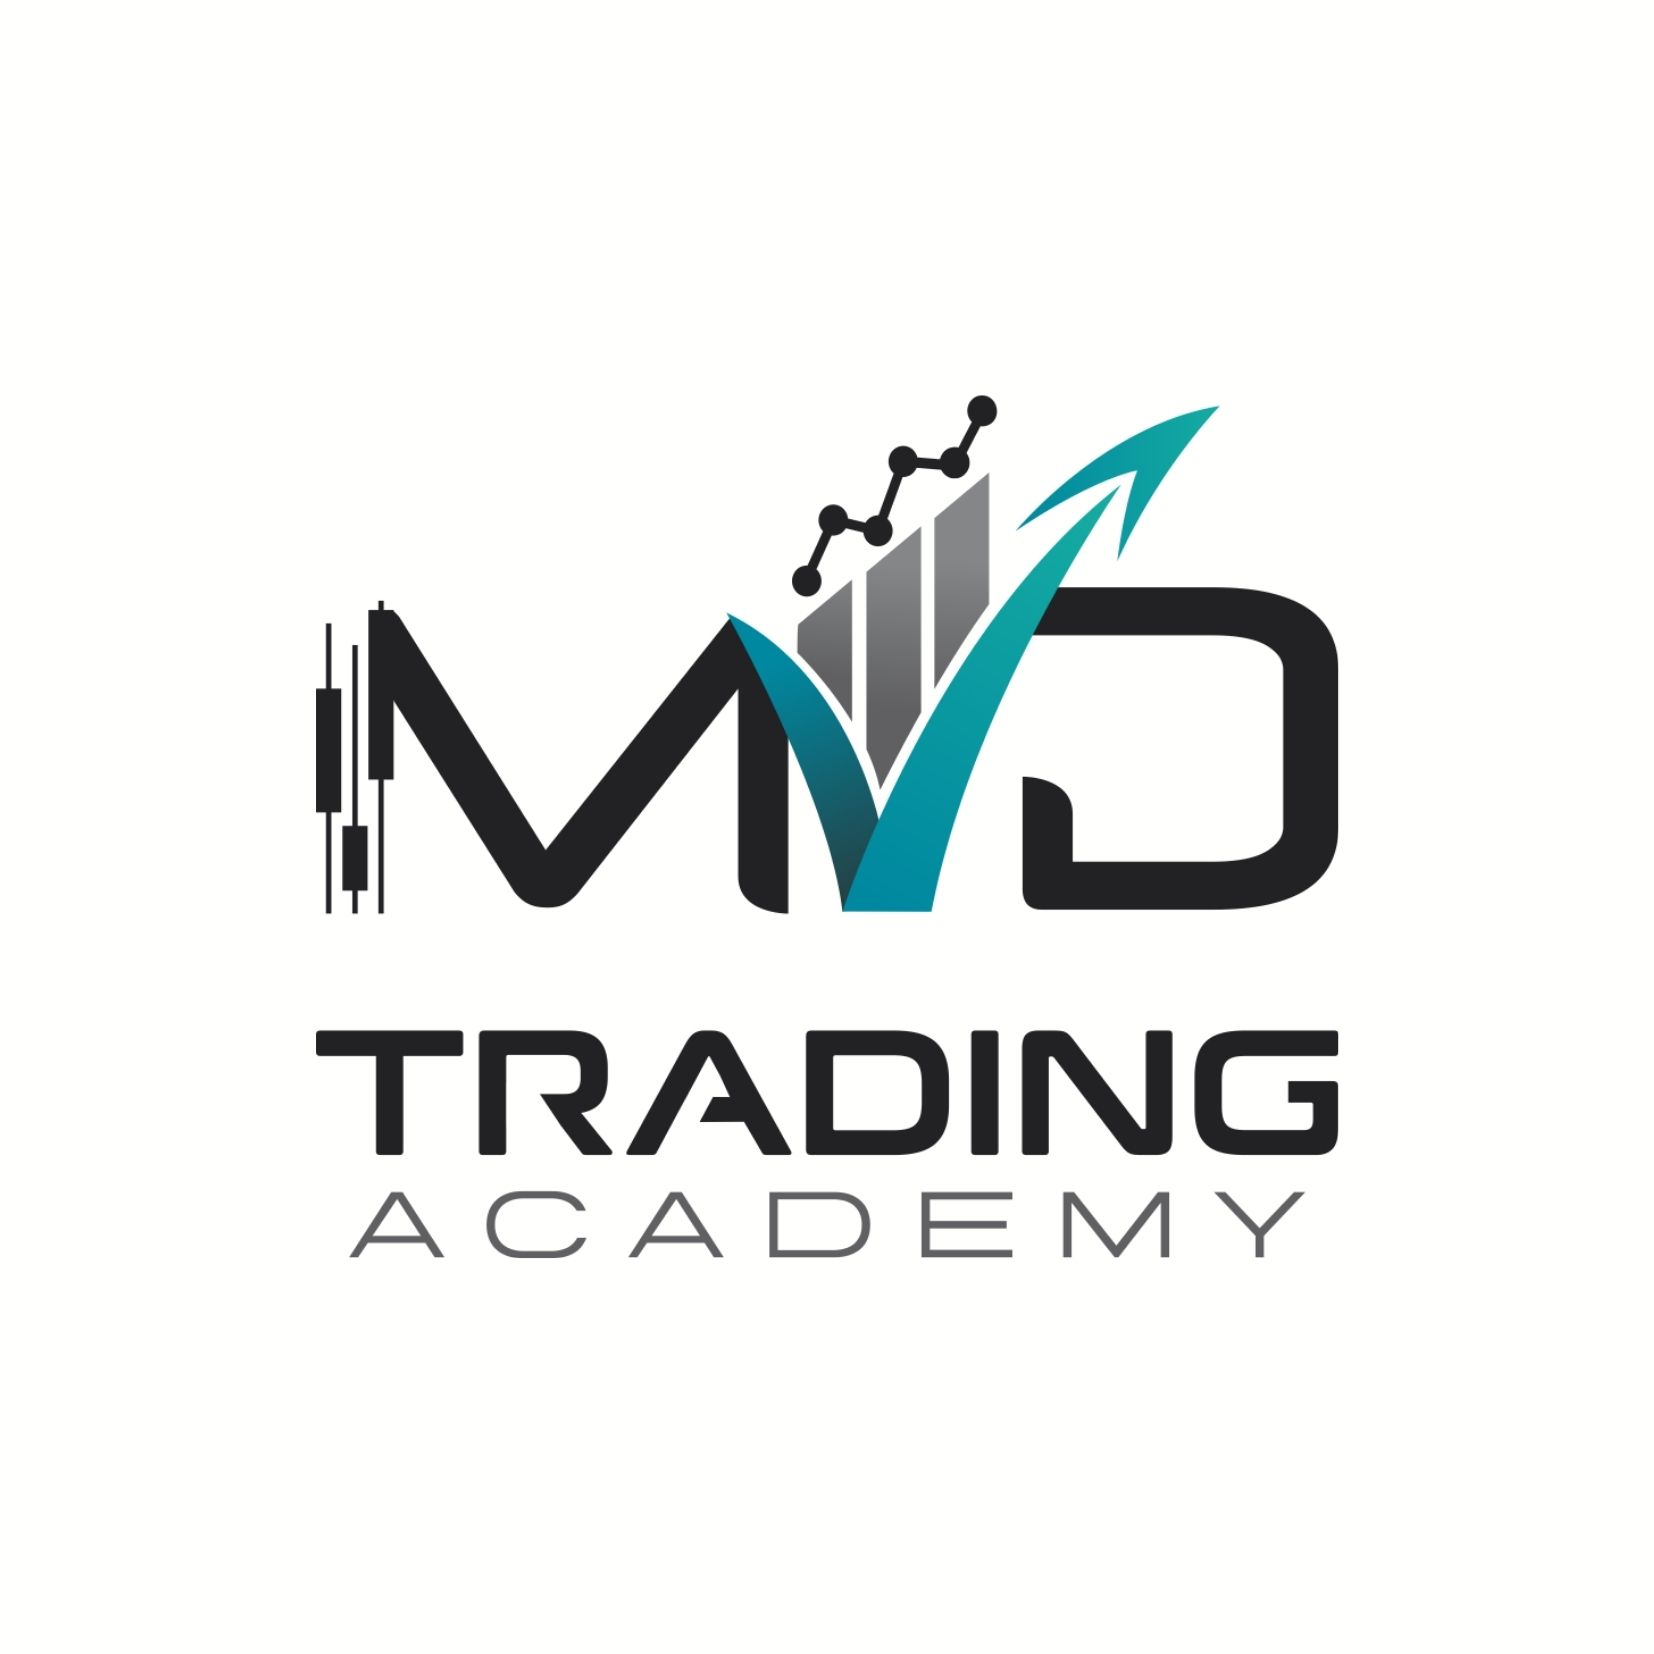 MVD Trading